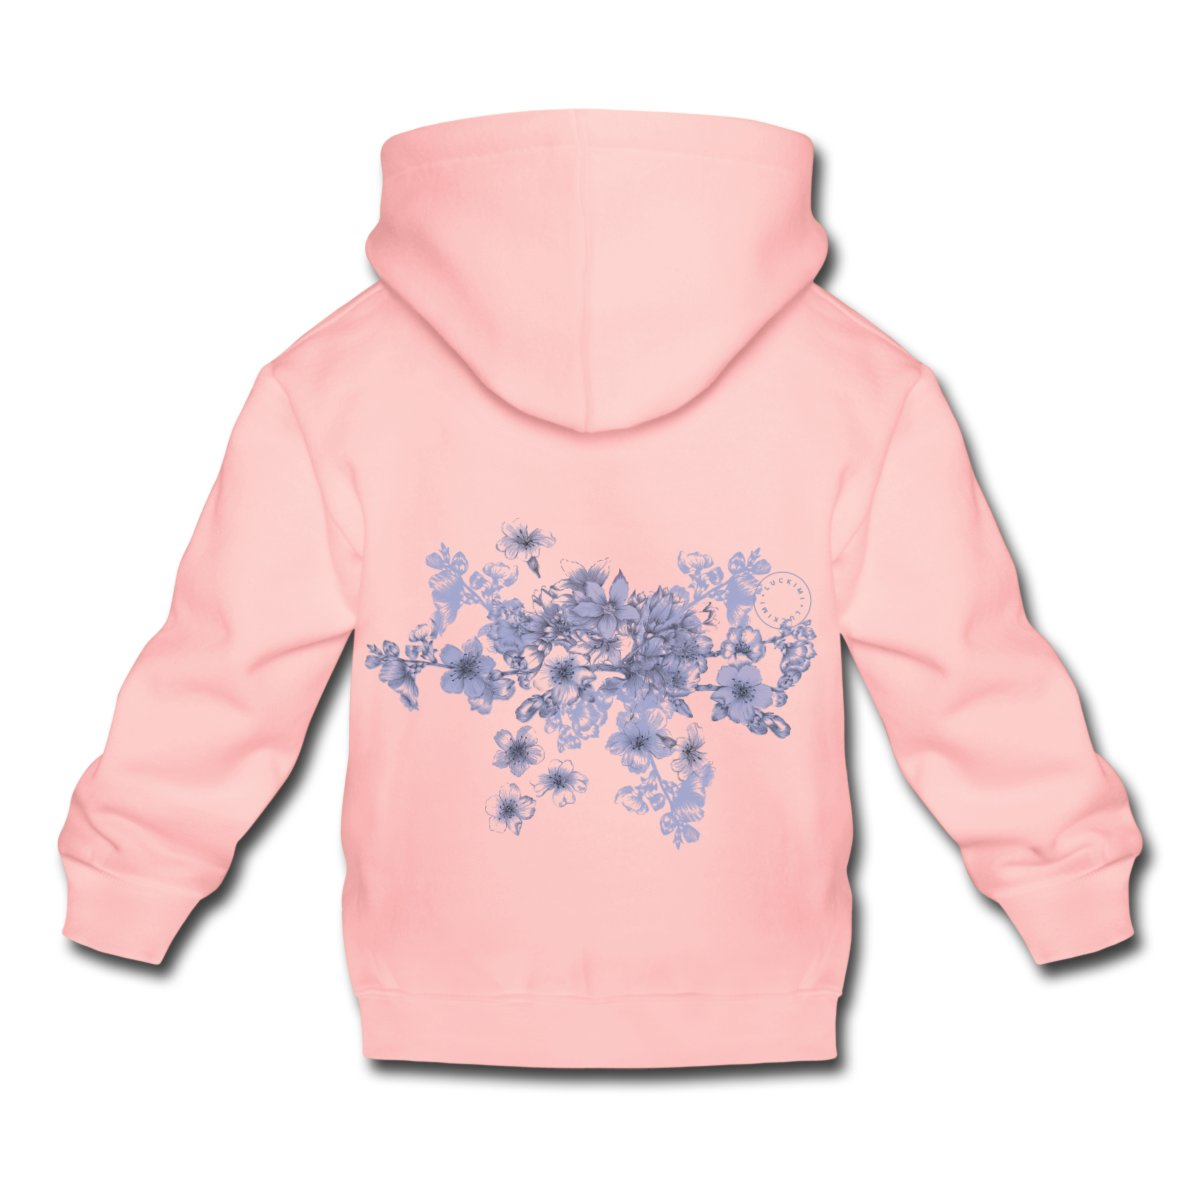 lavendel-blommor-premium-luvtroeja-barn-pink.jpg